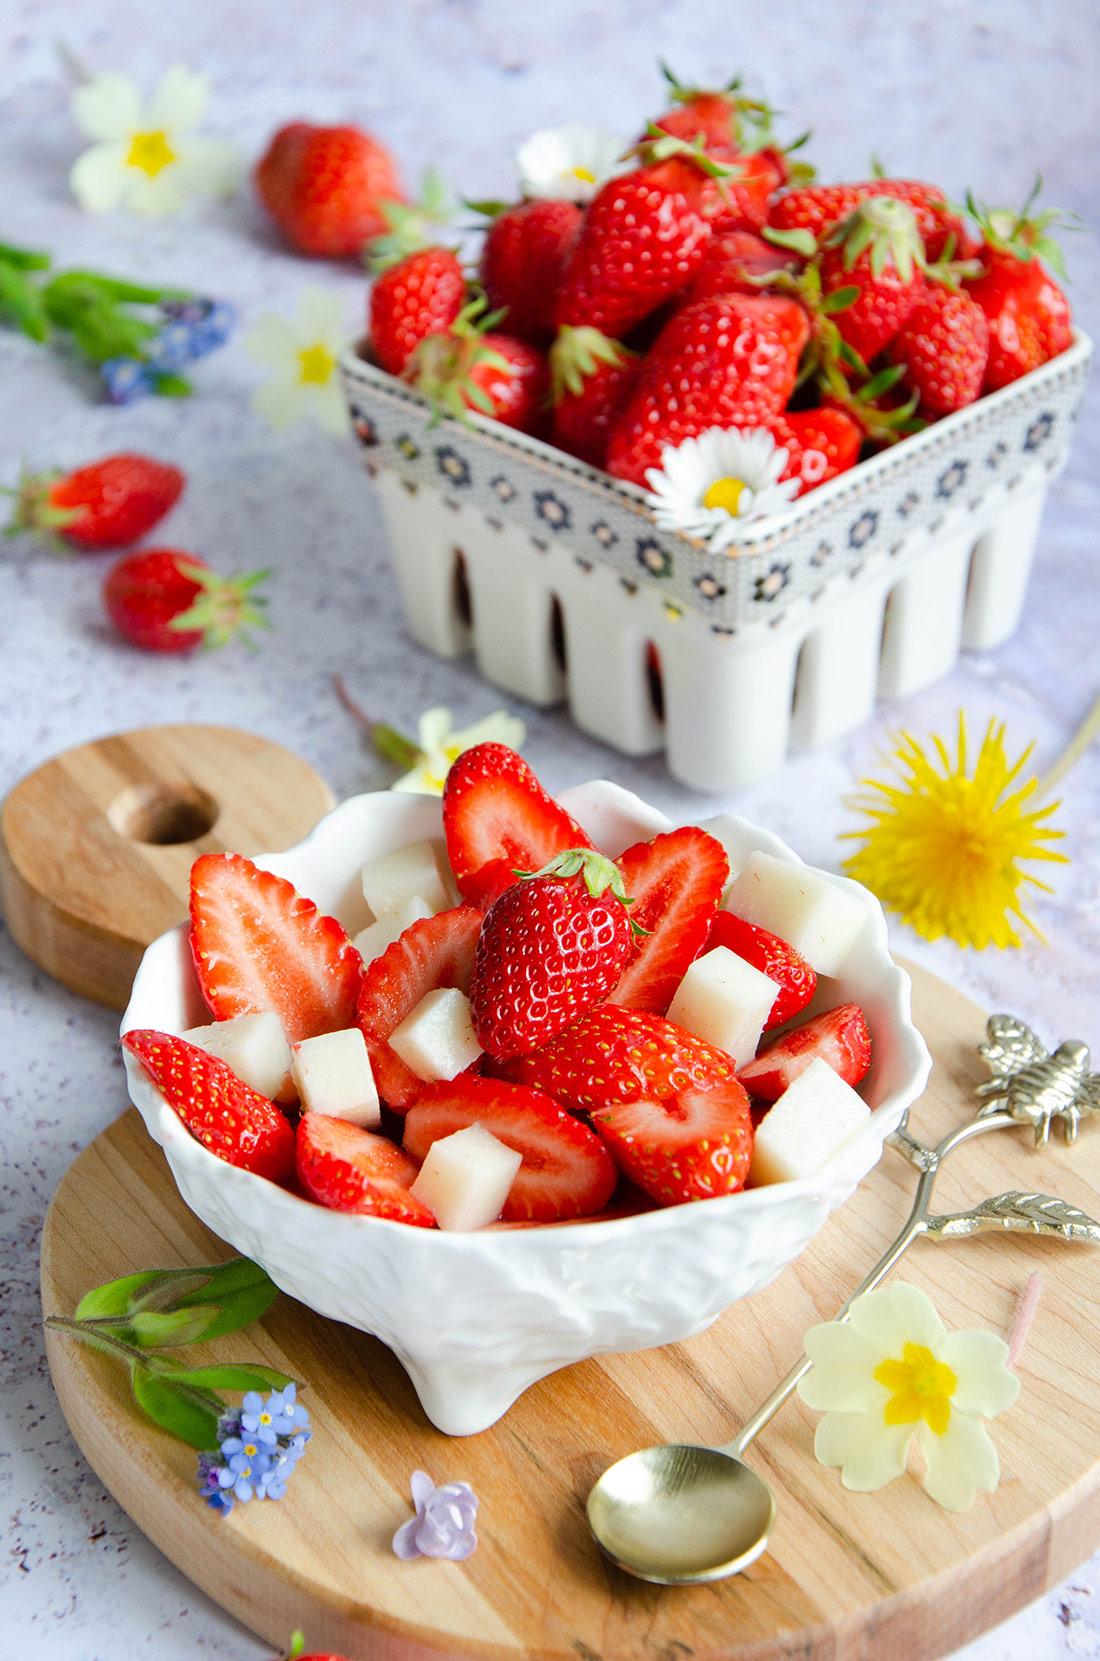 Recette de salade de fraises et cubes au lait ribot